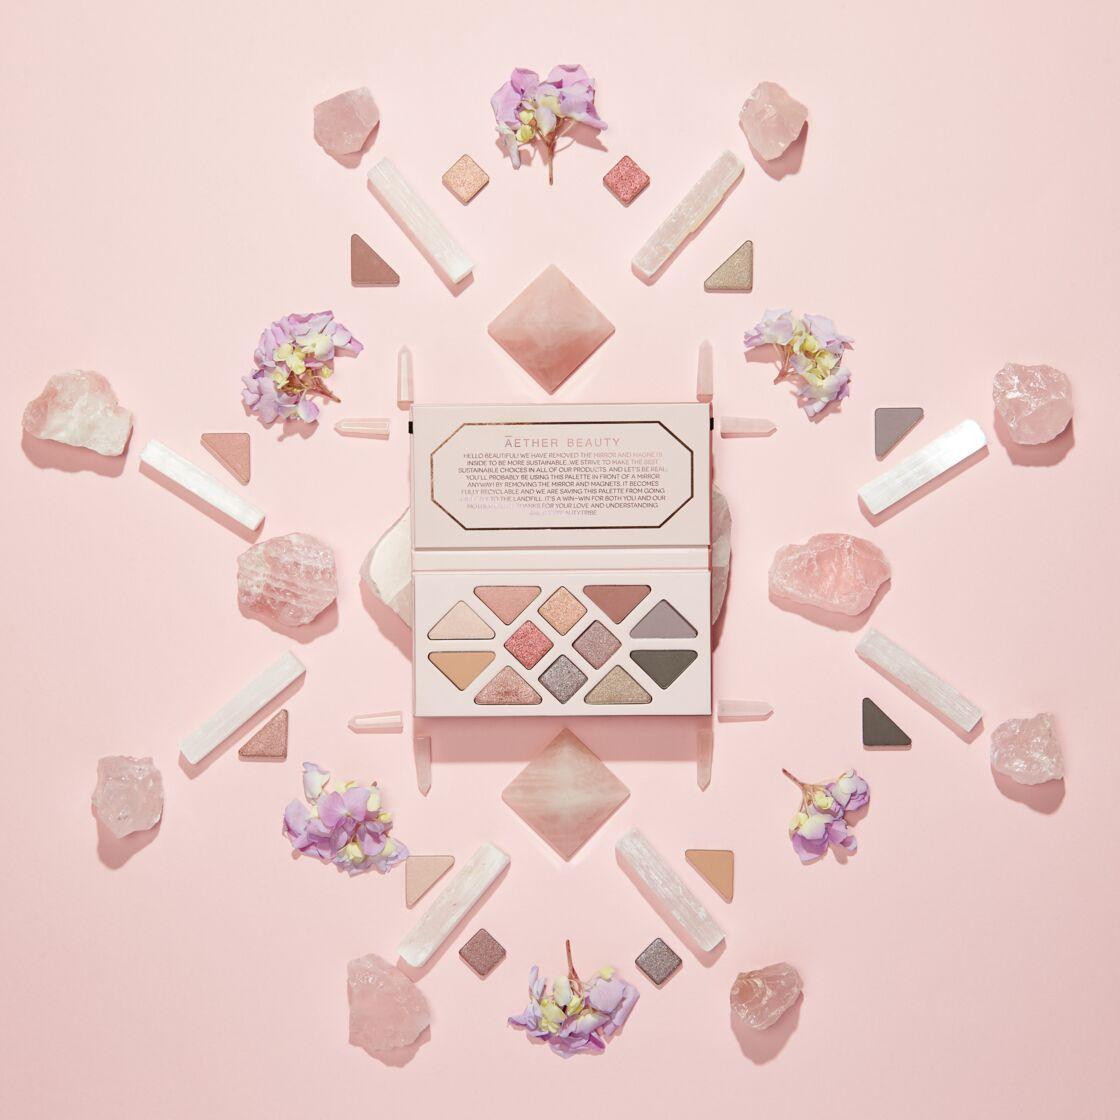 Palette Rose Quartz, Aether Beauty, 63€ sur moncornerb.com